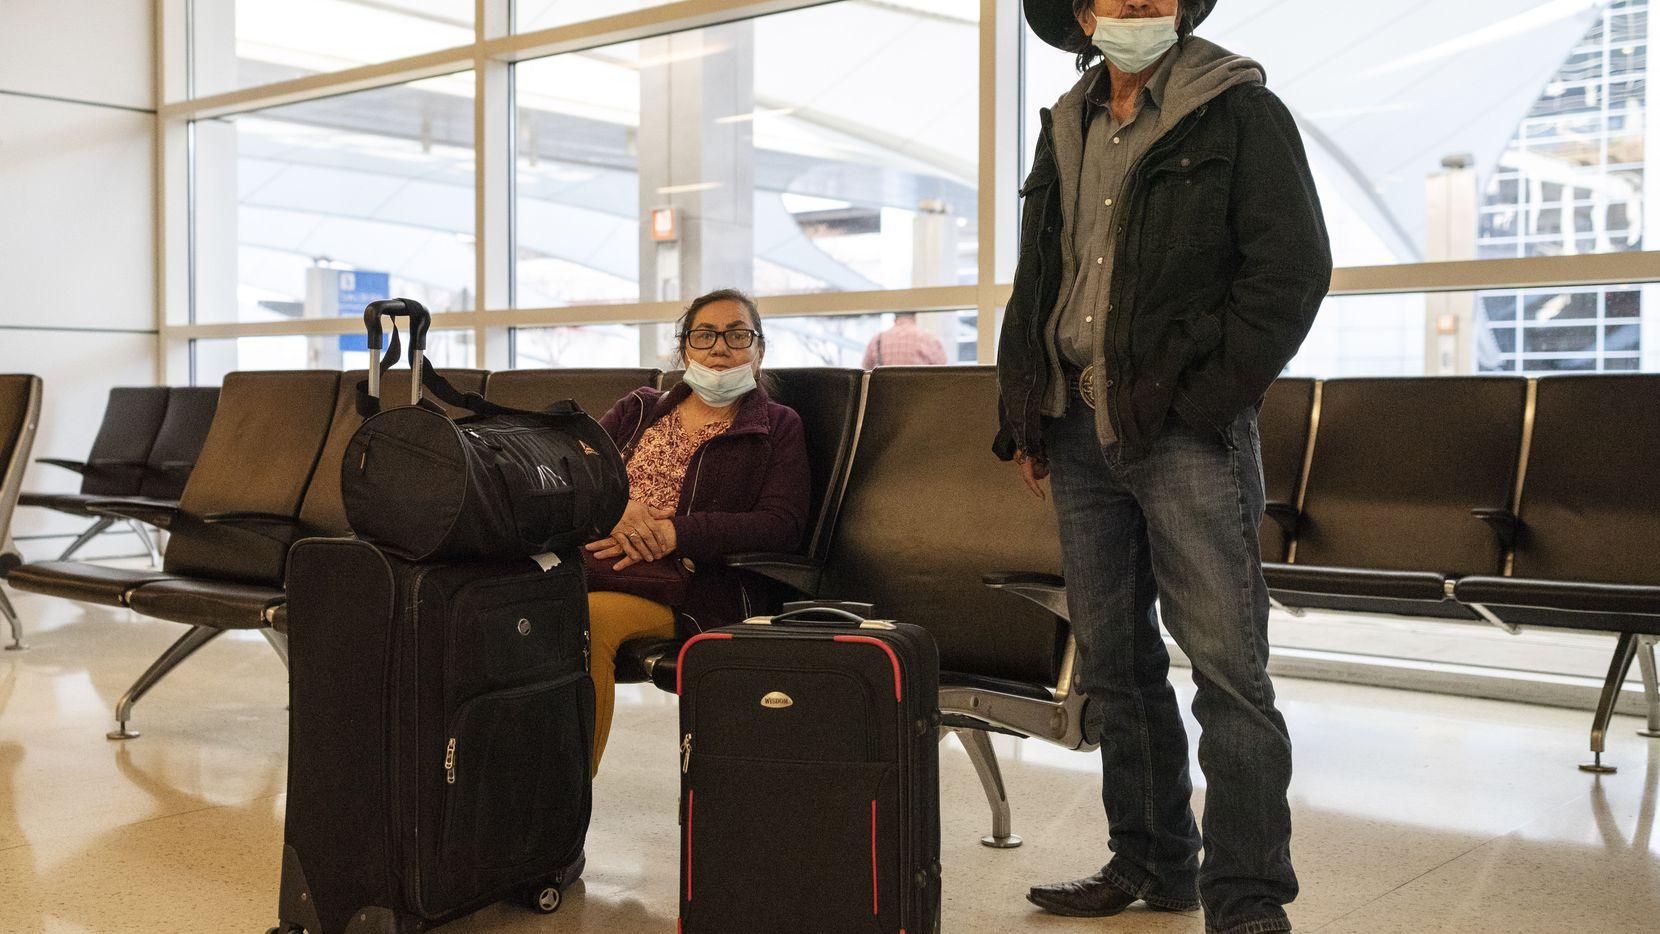 Margarita y Pedro Navarro viajaron de Guadalajara, México, al aeropuerto de Dallas-Fort Worth la mañana del 26 de enero. Antes de abordar su vuelo de American Airlines, tuvieron que tomar una prueba en el aeropuerto de Guadalajara, en un stand que un laboratorio privado instaló en el sitio.